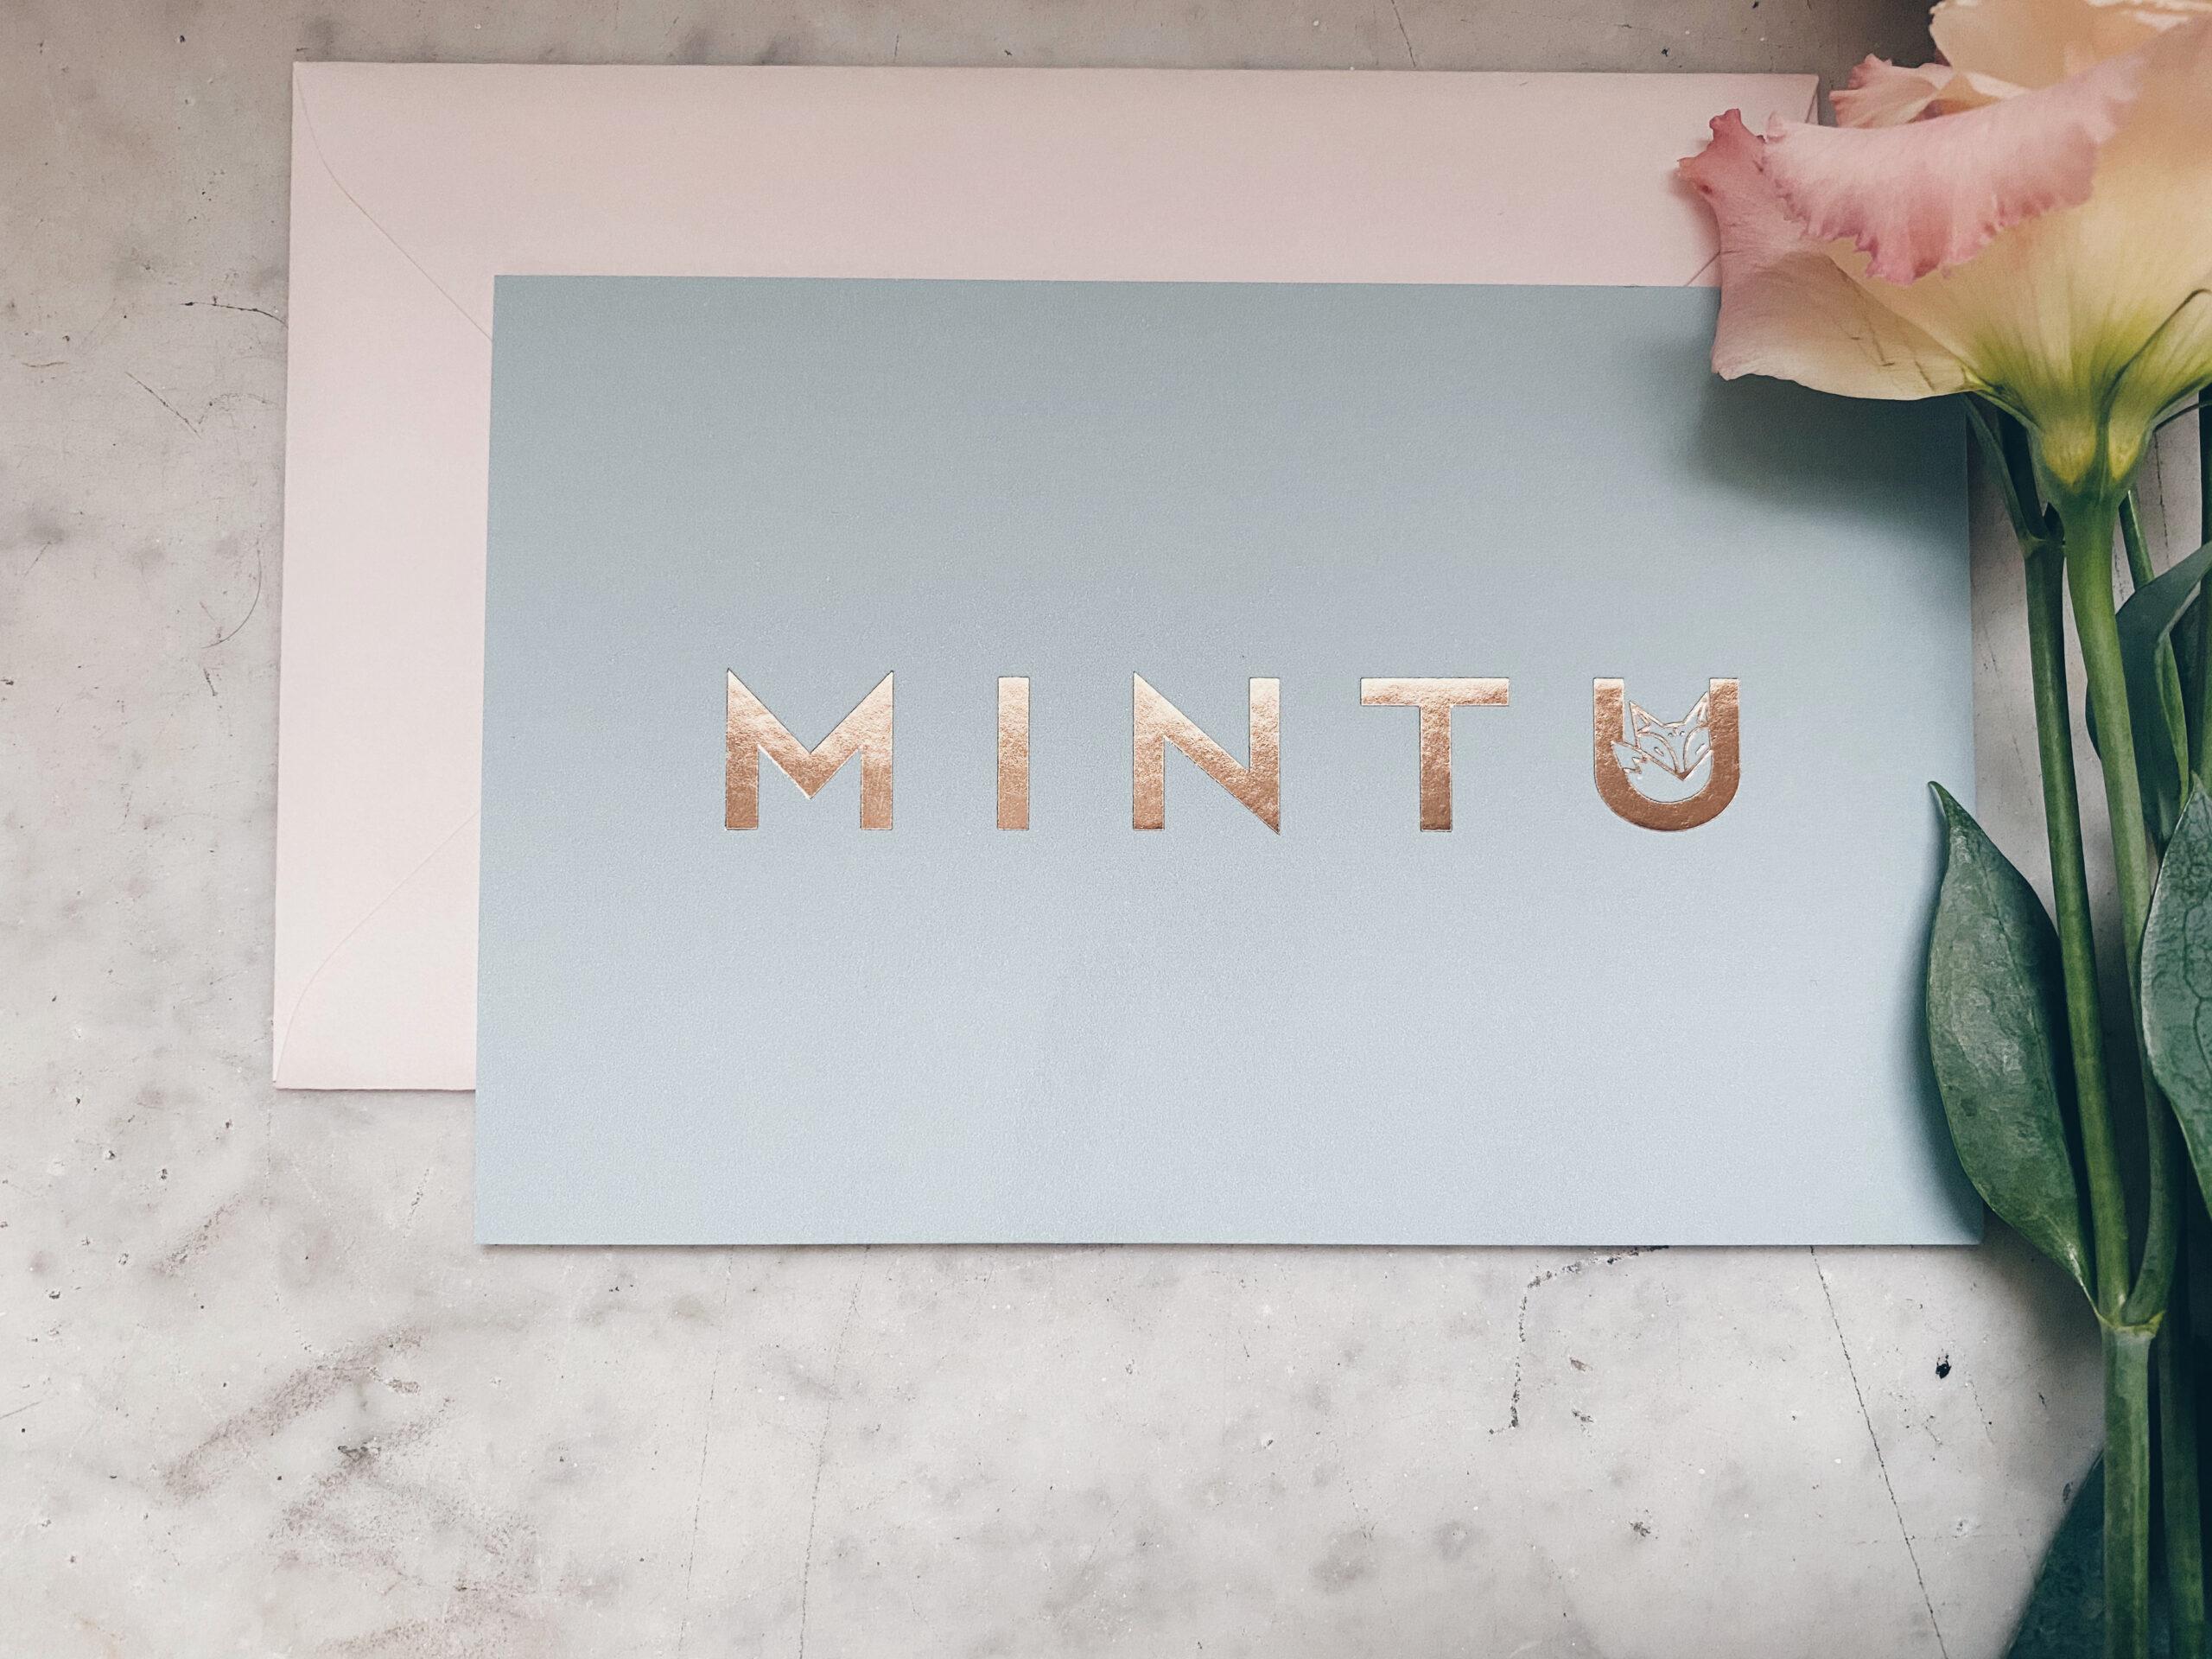 Geboortekaartje Mintu met vosje, letterpress rose gold, eucalyptus, munt, mint, geboortekaartje meisje, letterpress foliedruk, hotfoil, studio mustique, grafisch ontwerp op maat